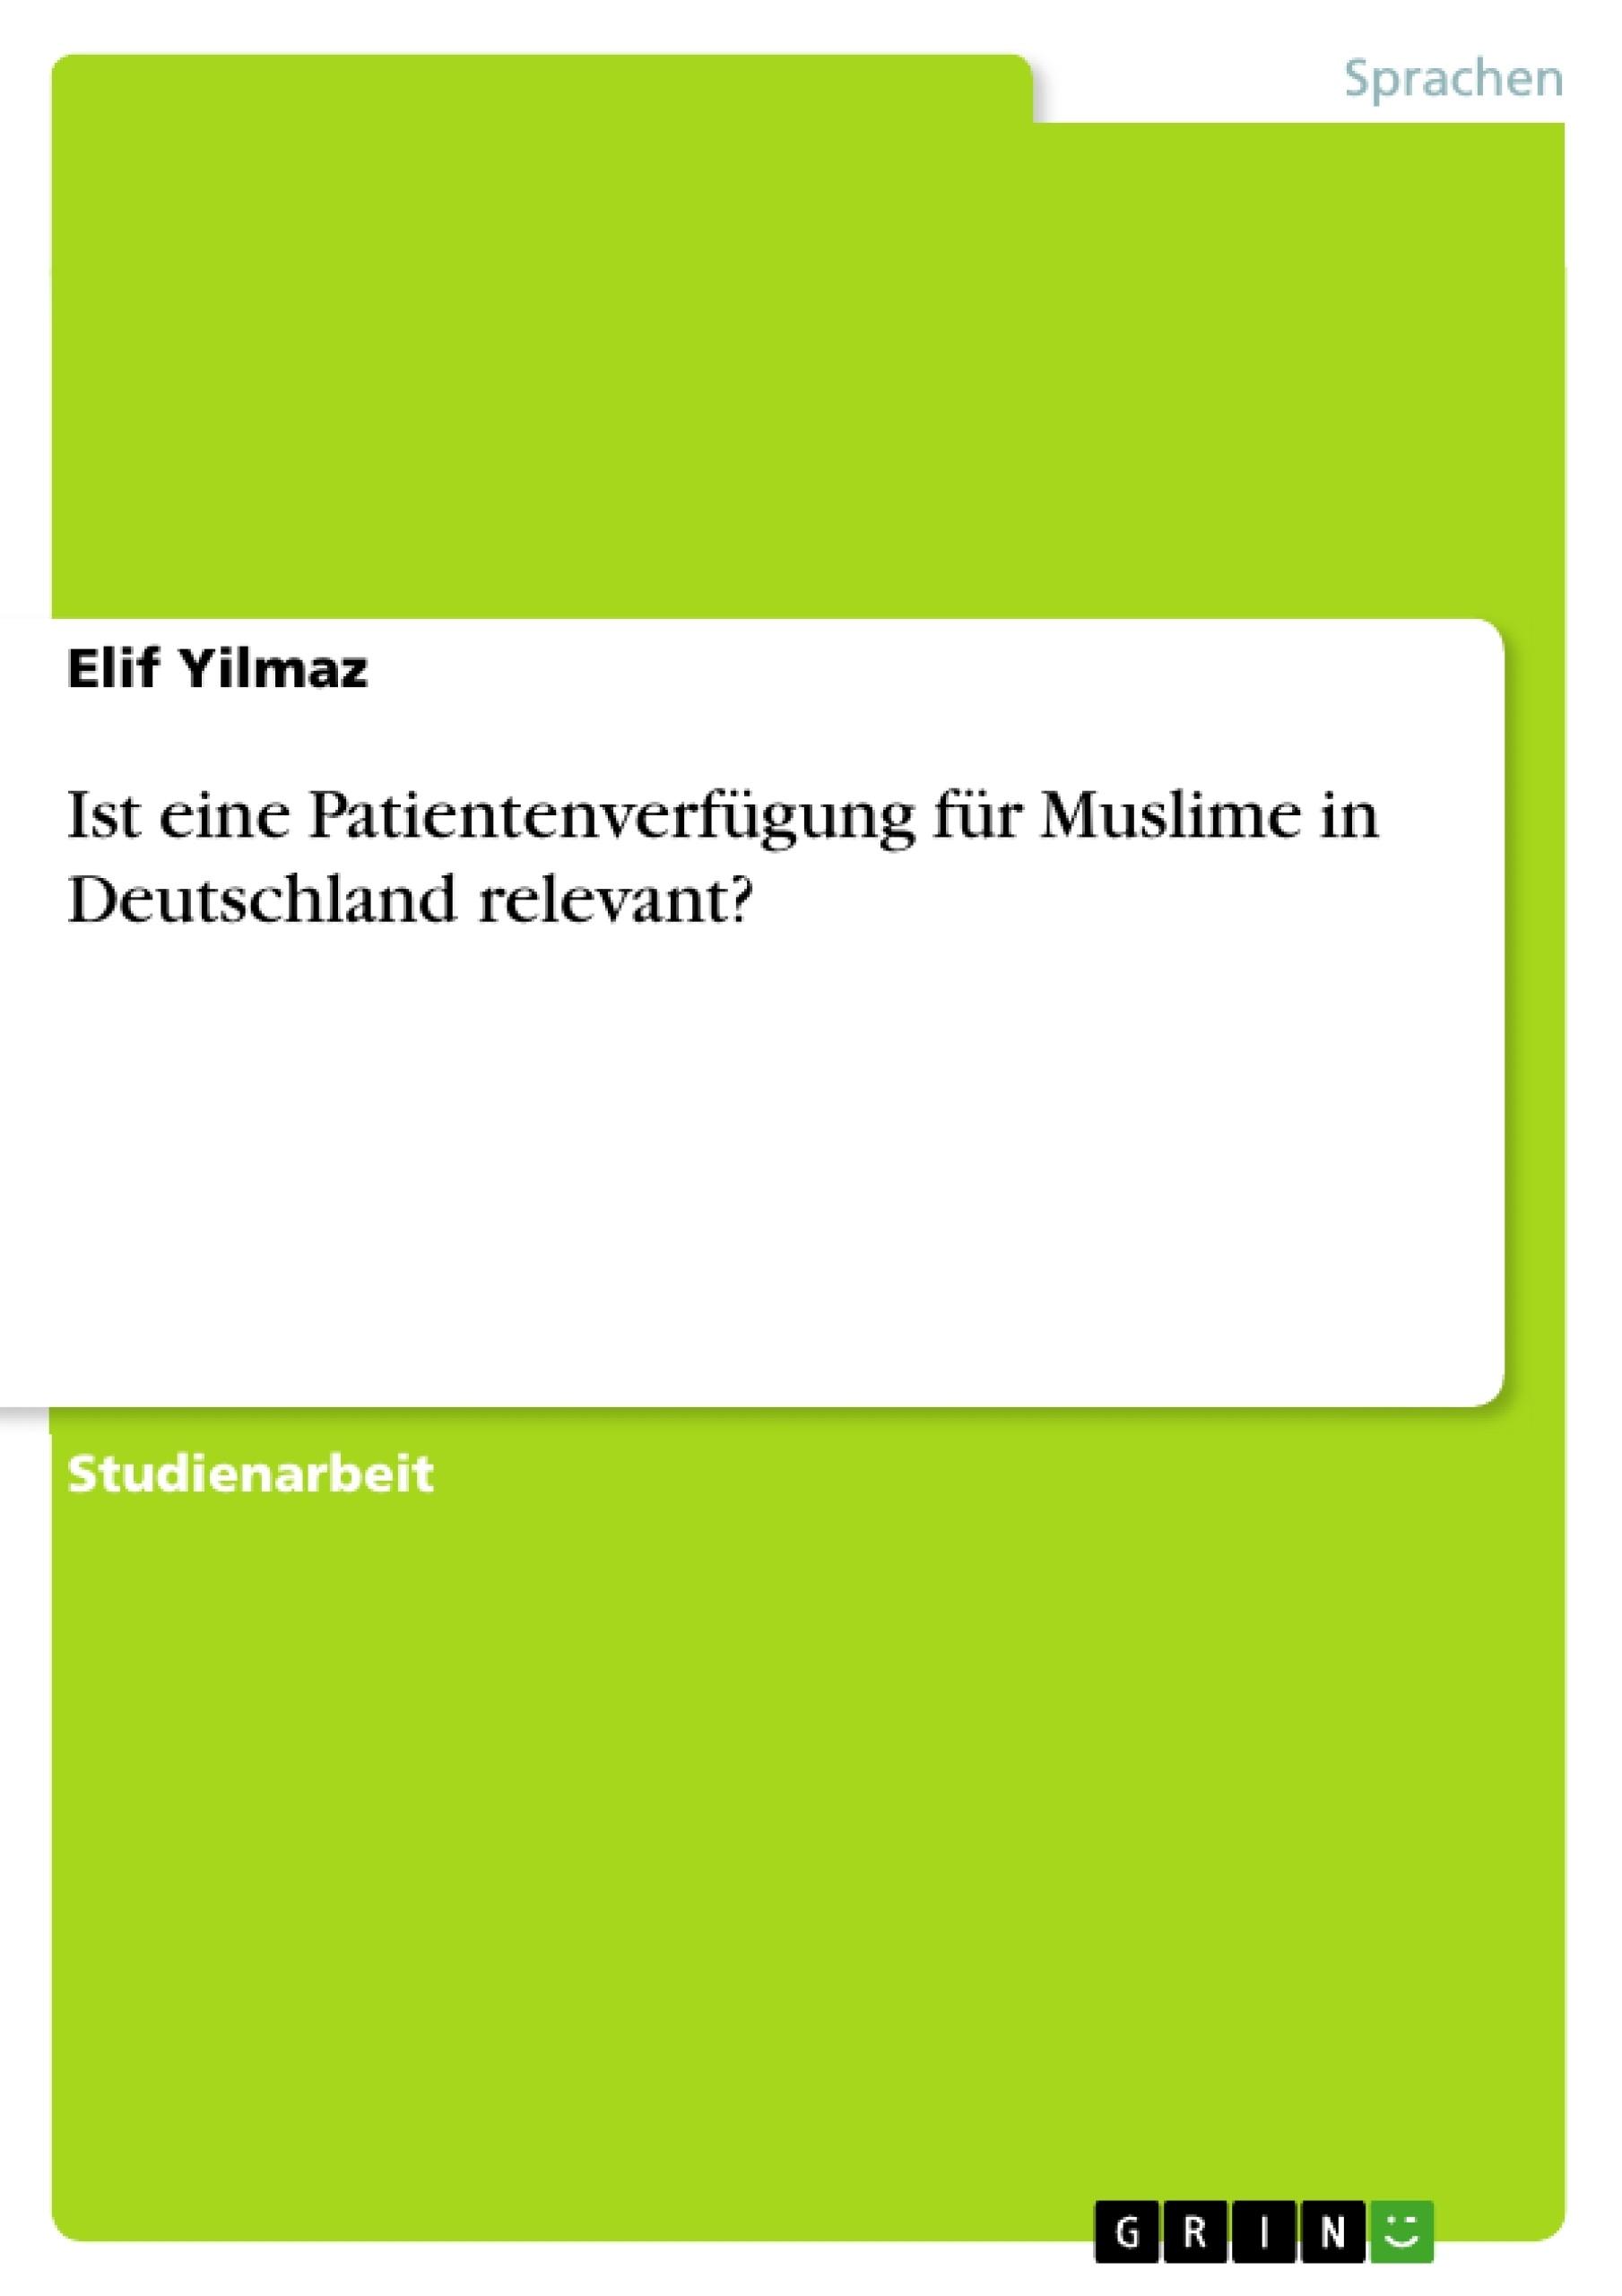 Titel: Ist eine Patientenverfügung für Muslime in Deutschland relevant?